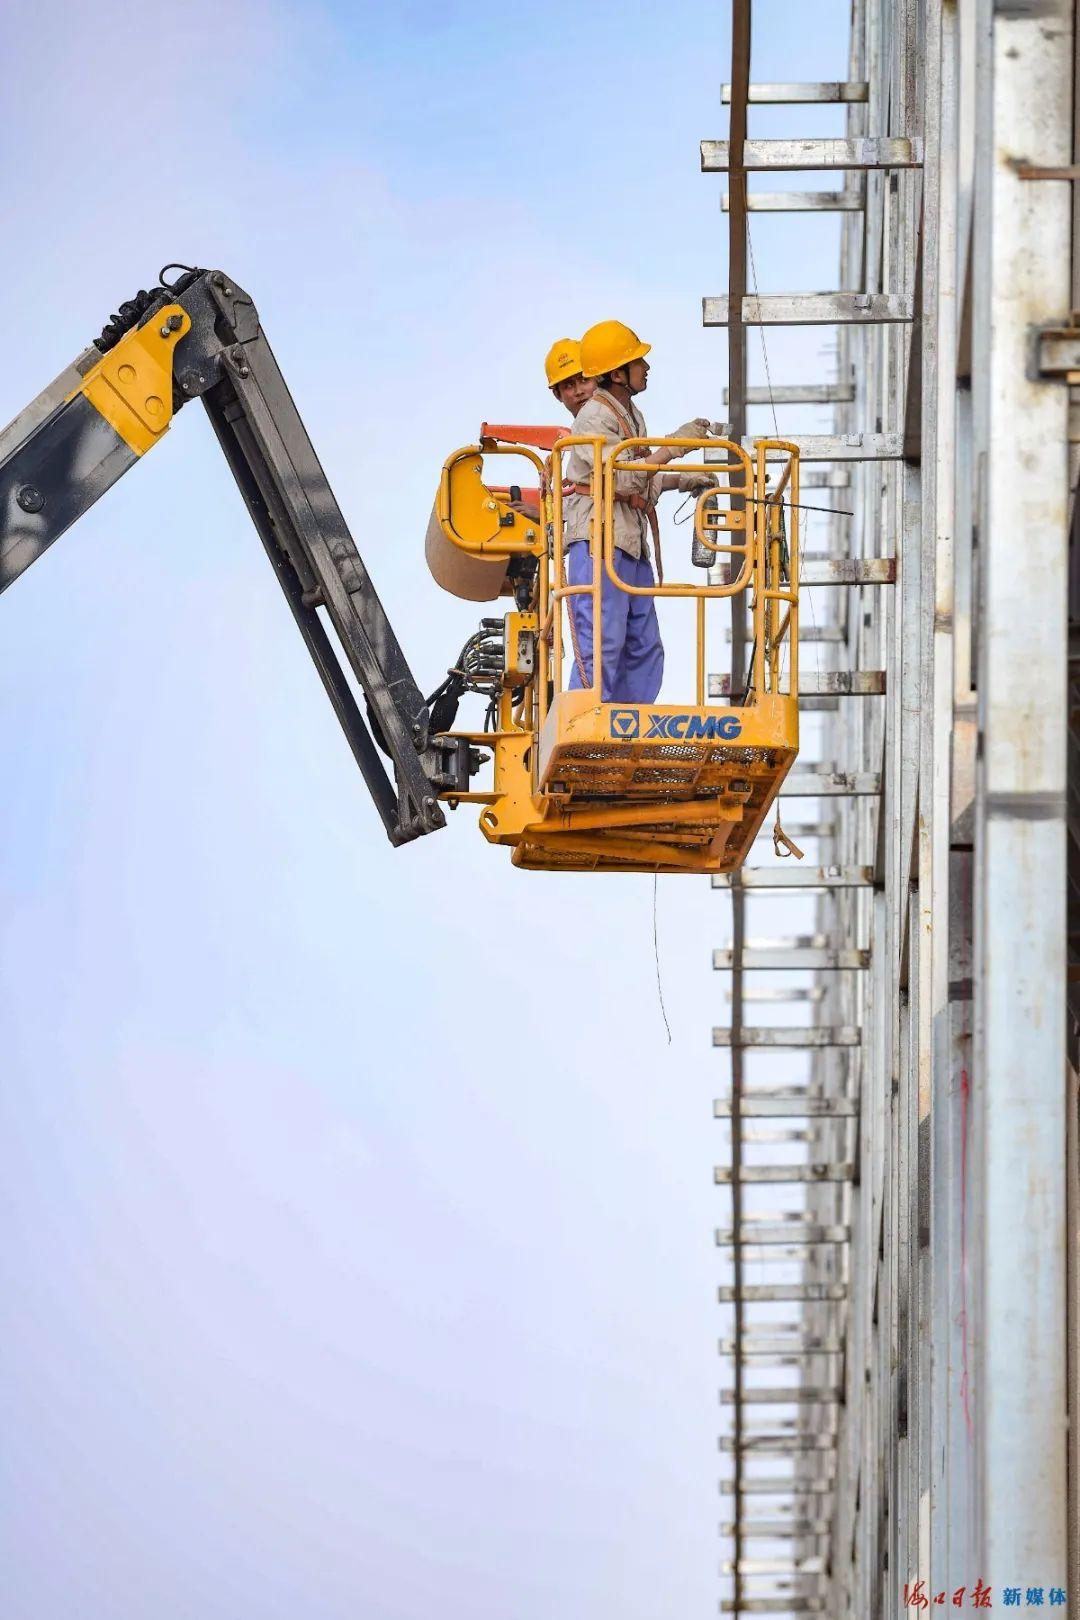 11月2日,在位于海口江东新区临空经济区的美兰空港一站式飞机维修基地项目工地,机械轰鸣,工人在安装厂房幕墙。海口日报记者 王程龙 摄